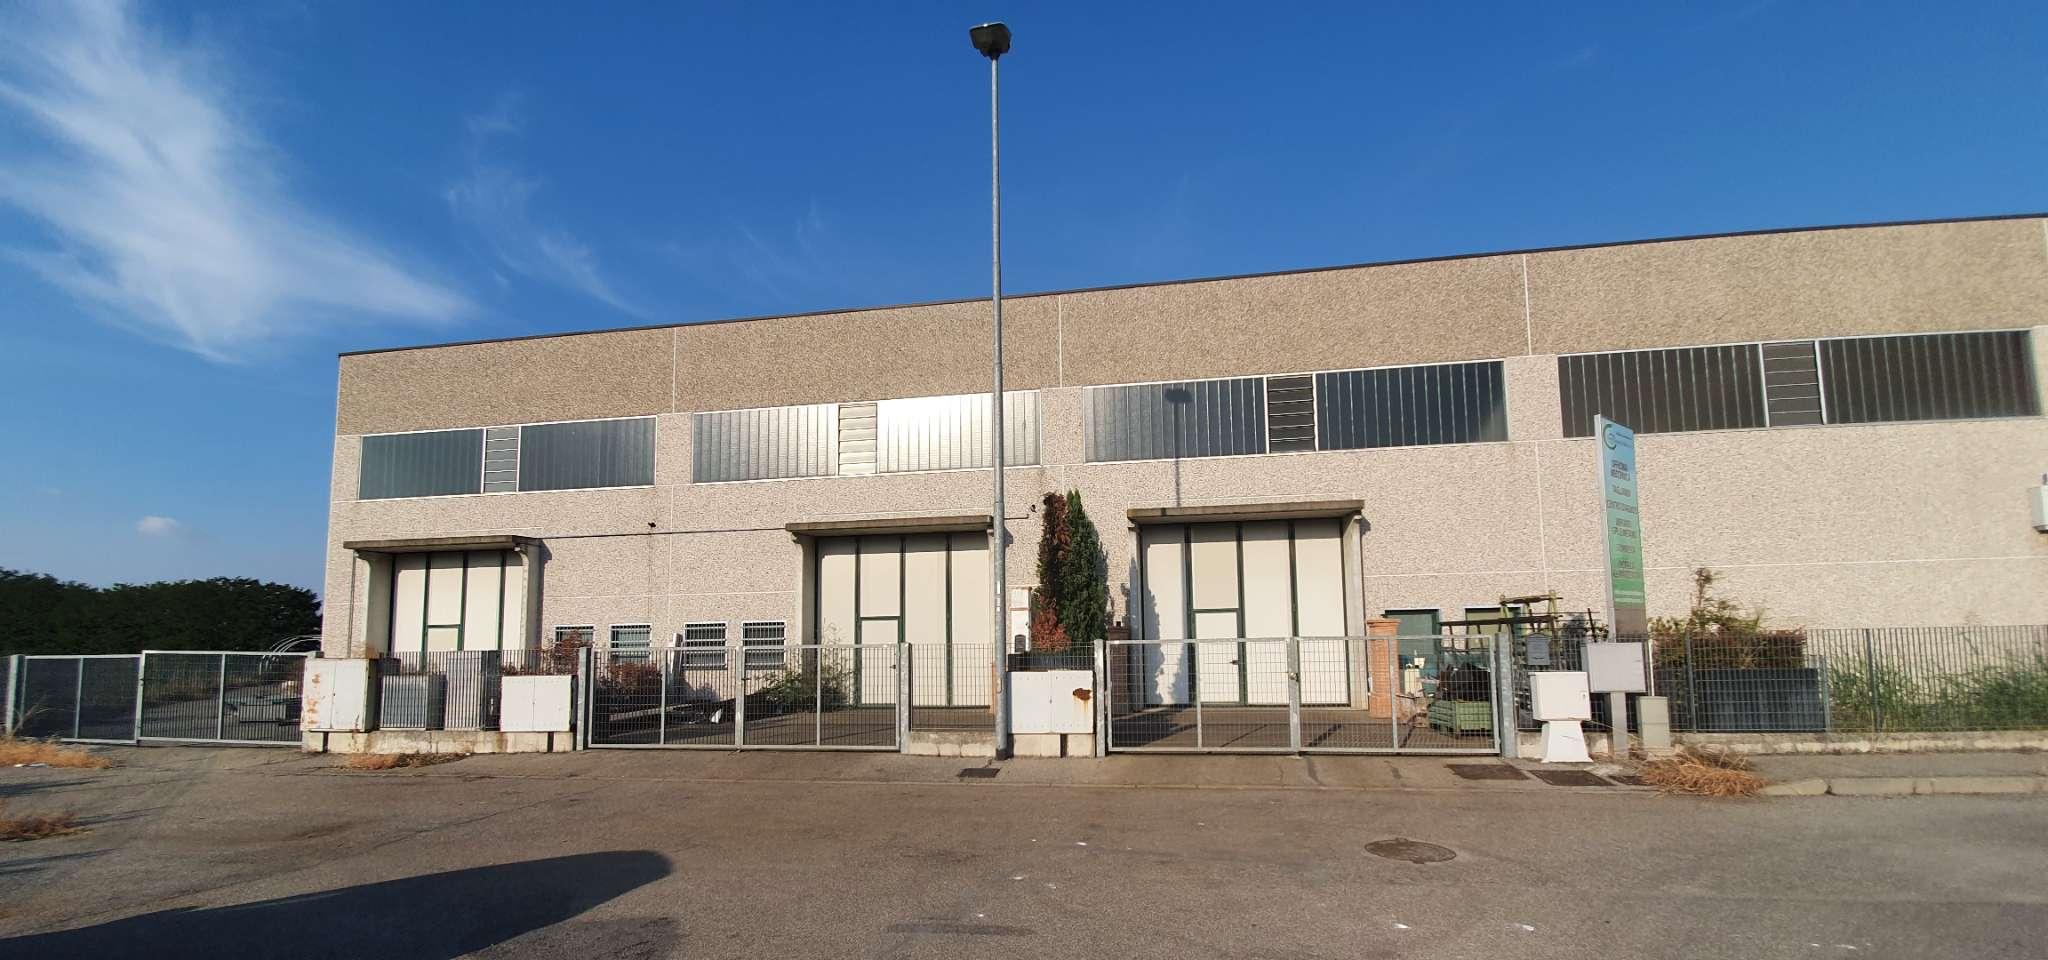 Capannone in vendita a Santa Cristina e Bissone, 10 locali, Trattative riservate | CambioCasa.it